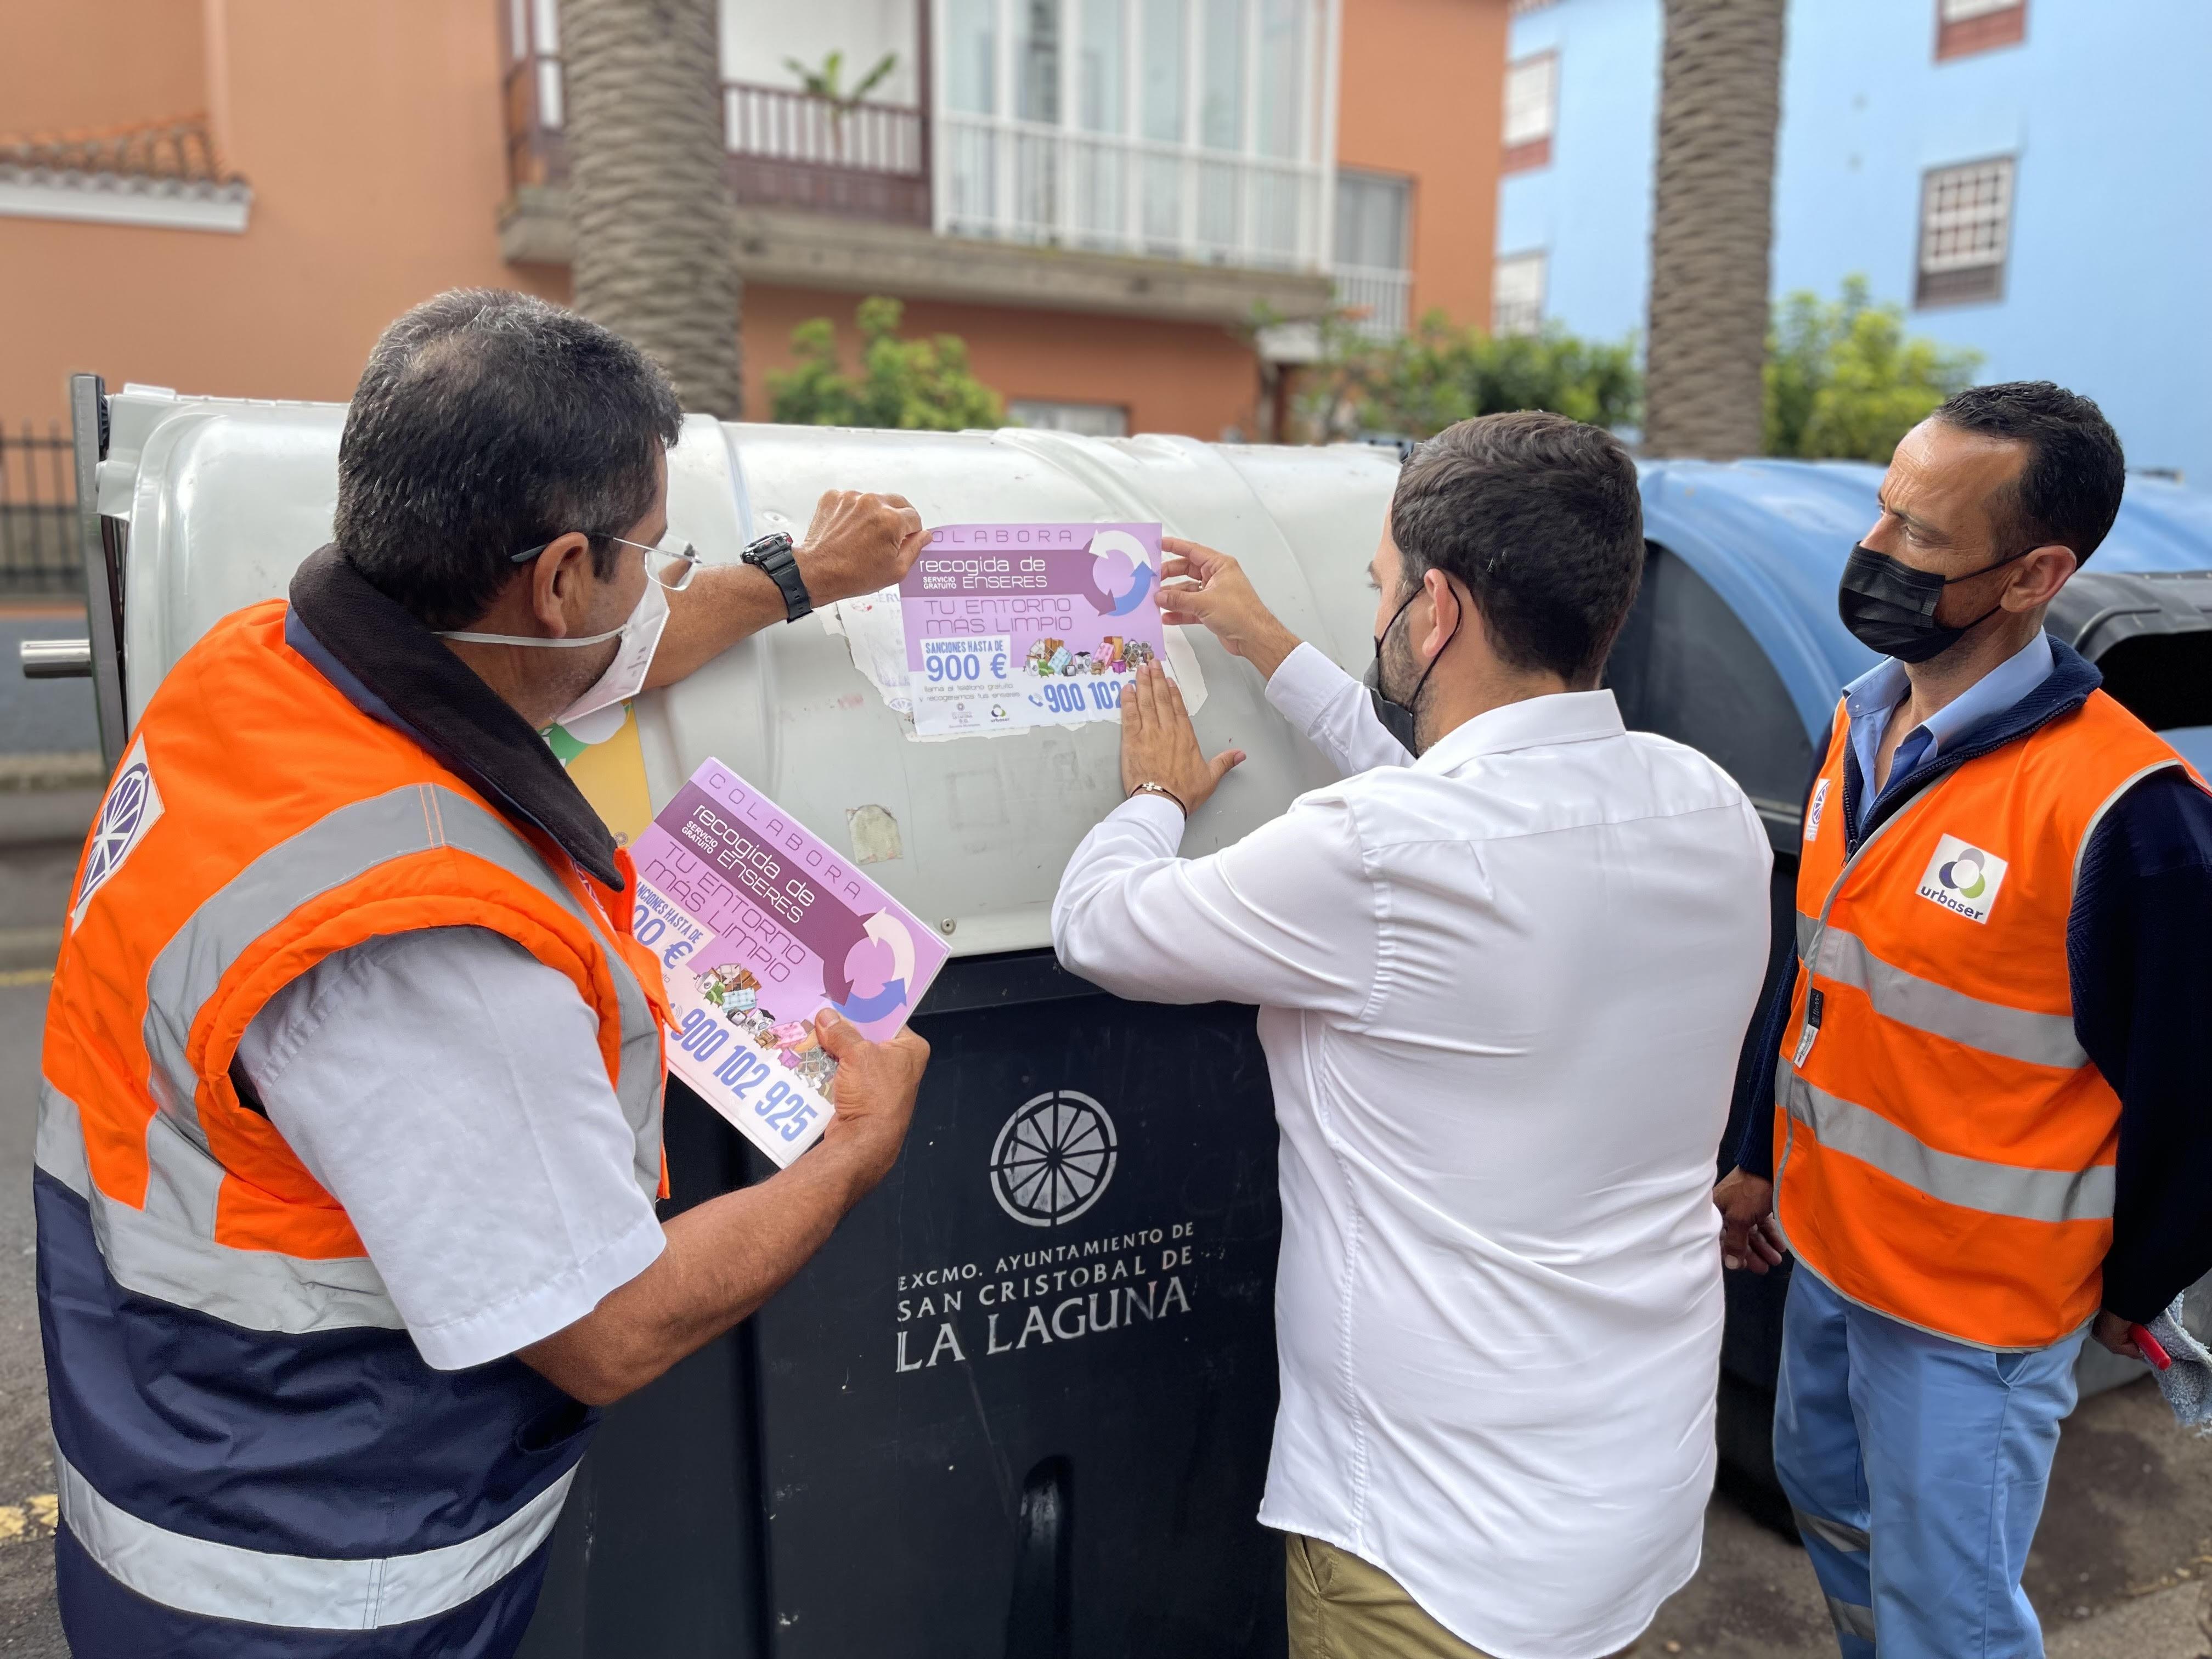 La Laguna insta a la ciudadanía a utilizar el servicio gratuito de recogida de muebles y enseres / CanariasNoticias.es